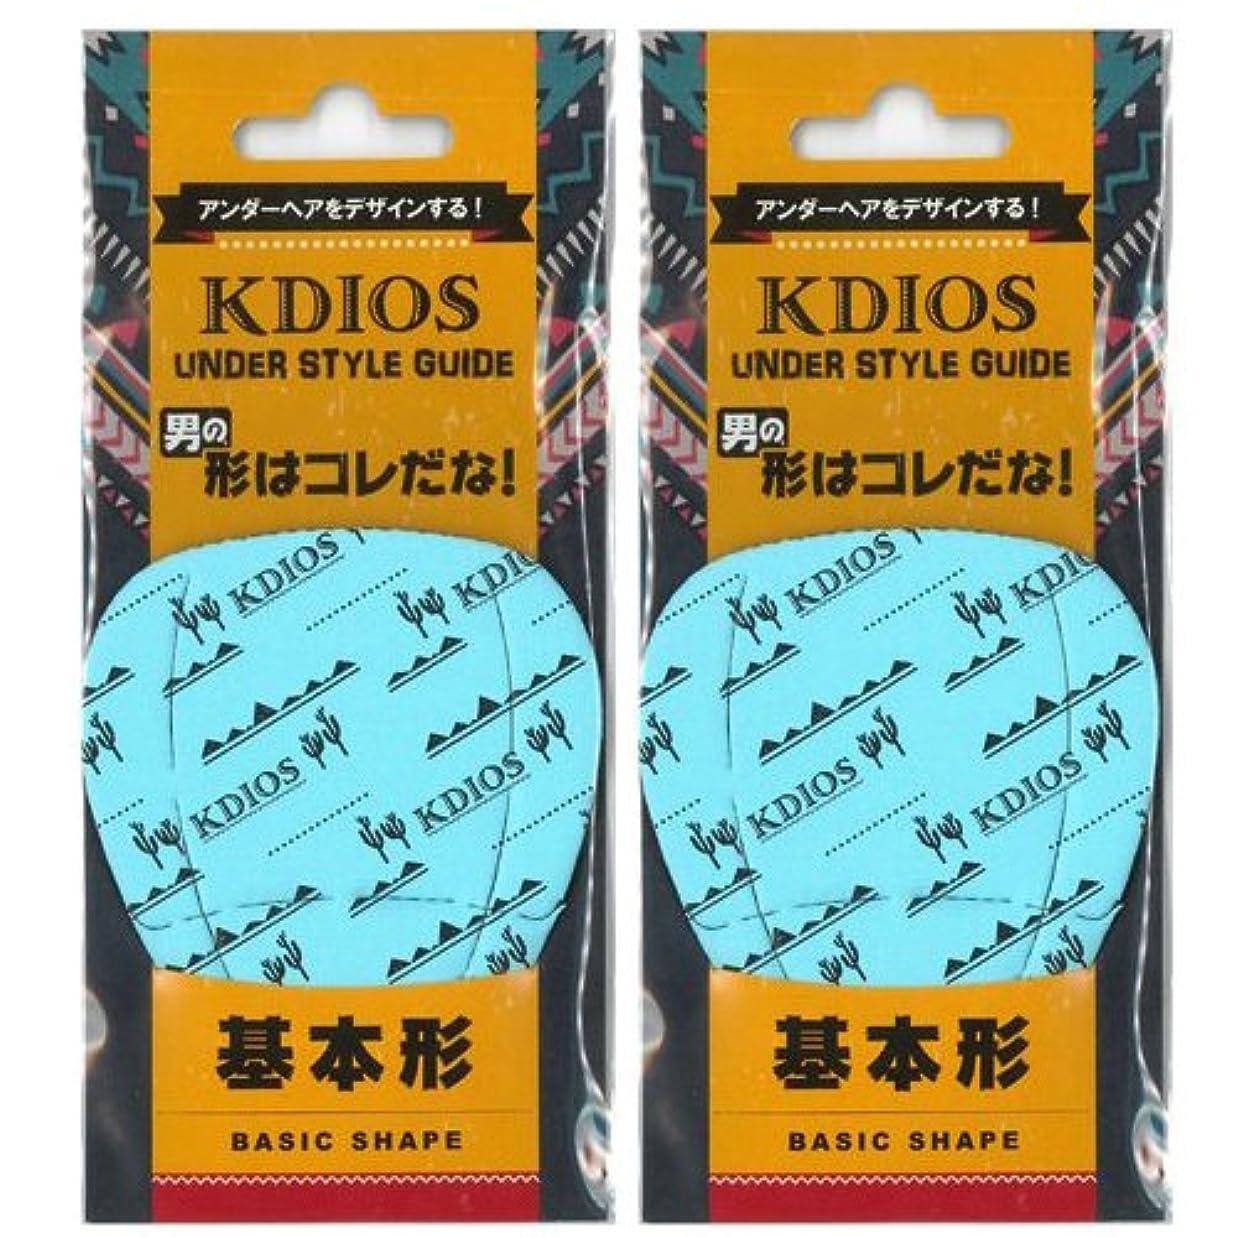 リラックス教育学鉄KDIOS(ケディオス) アンダースタイルガイド 「基本形」 FOR MEN ×2個セット